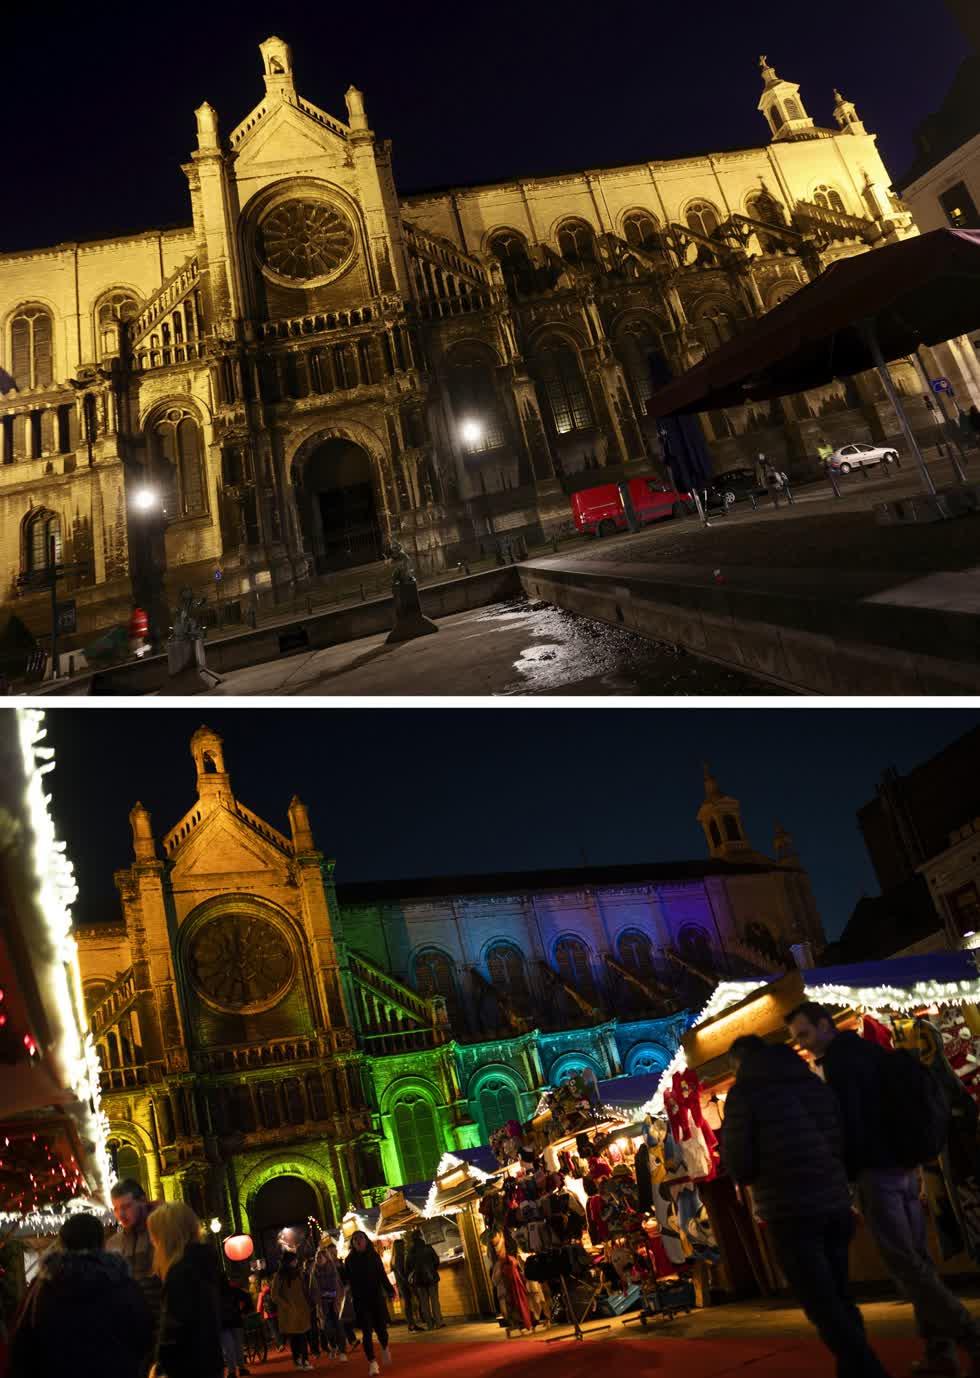 Bức ảnh từ ngày 18/12/2019, khu chợ bên cạnh nhà thờ Thánh Catherine ở Brussels và quảng trường vào ngày 24 /11/2020. Ảnh: AP